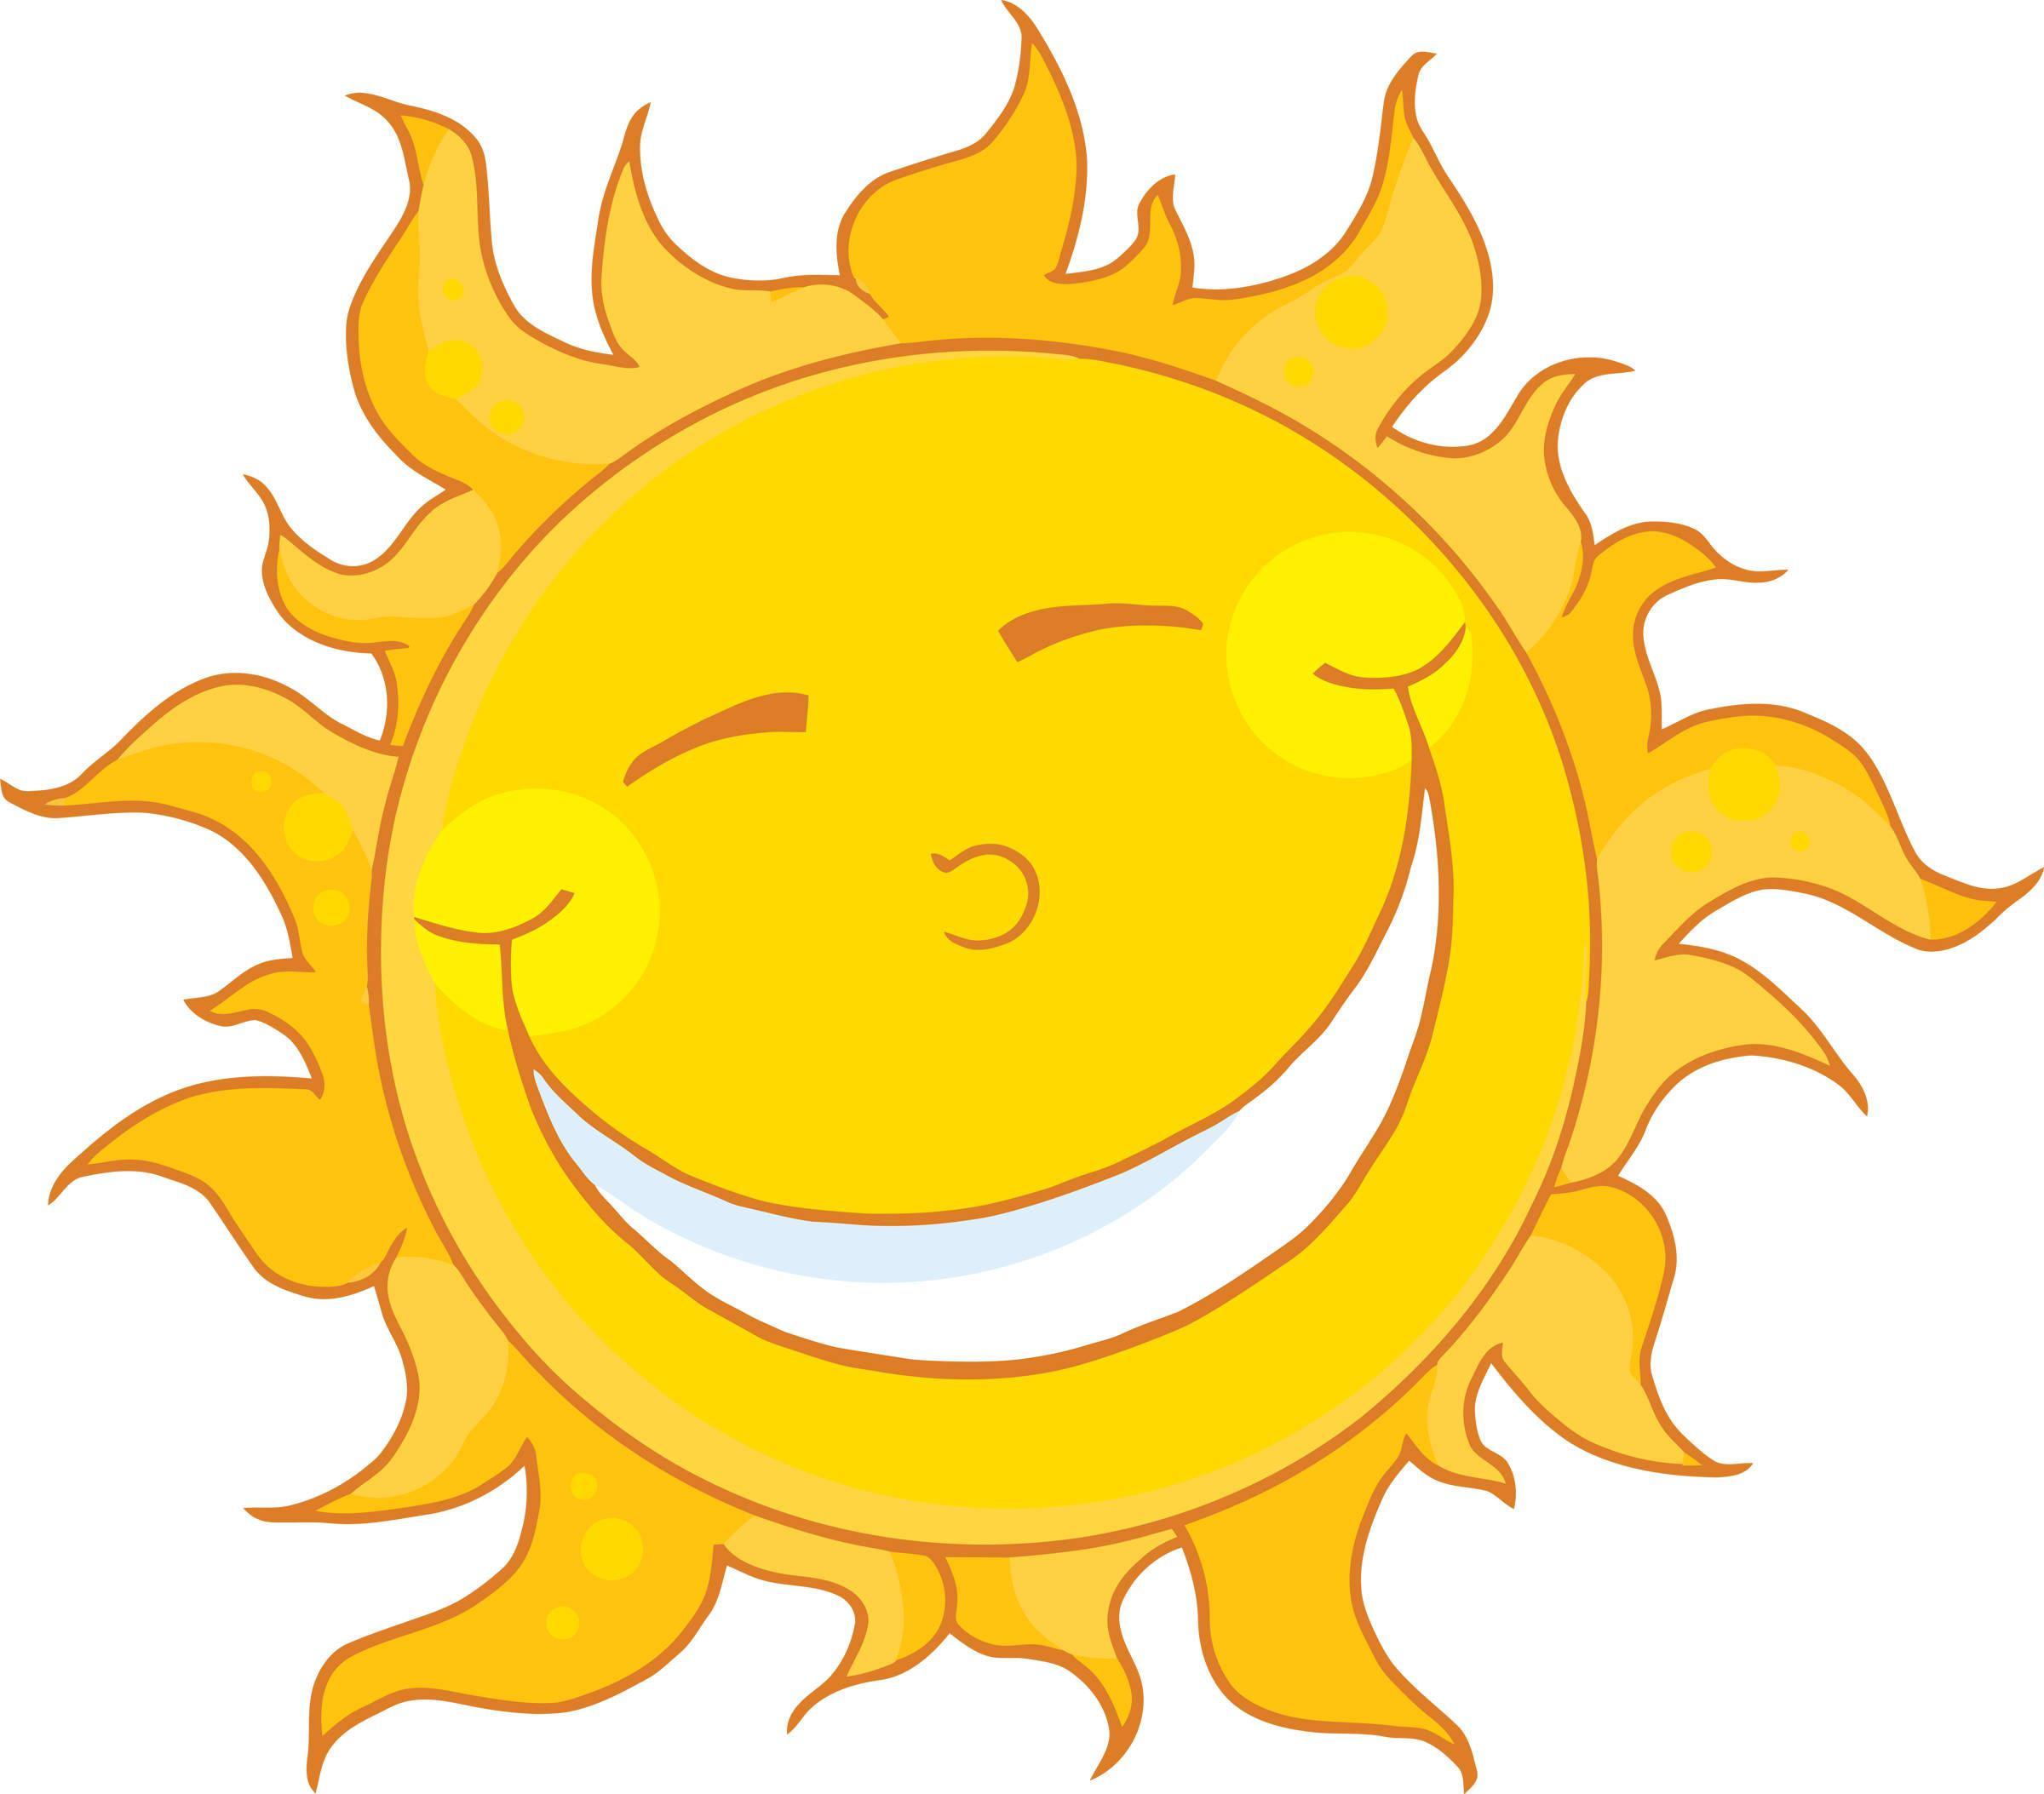 Sun clipart. Sunshine happy